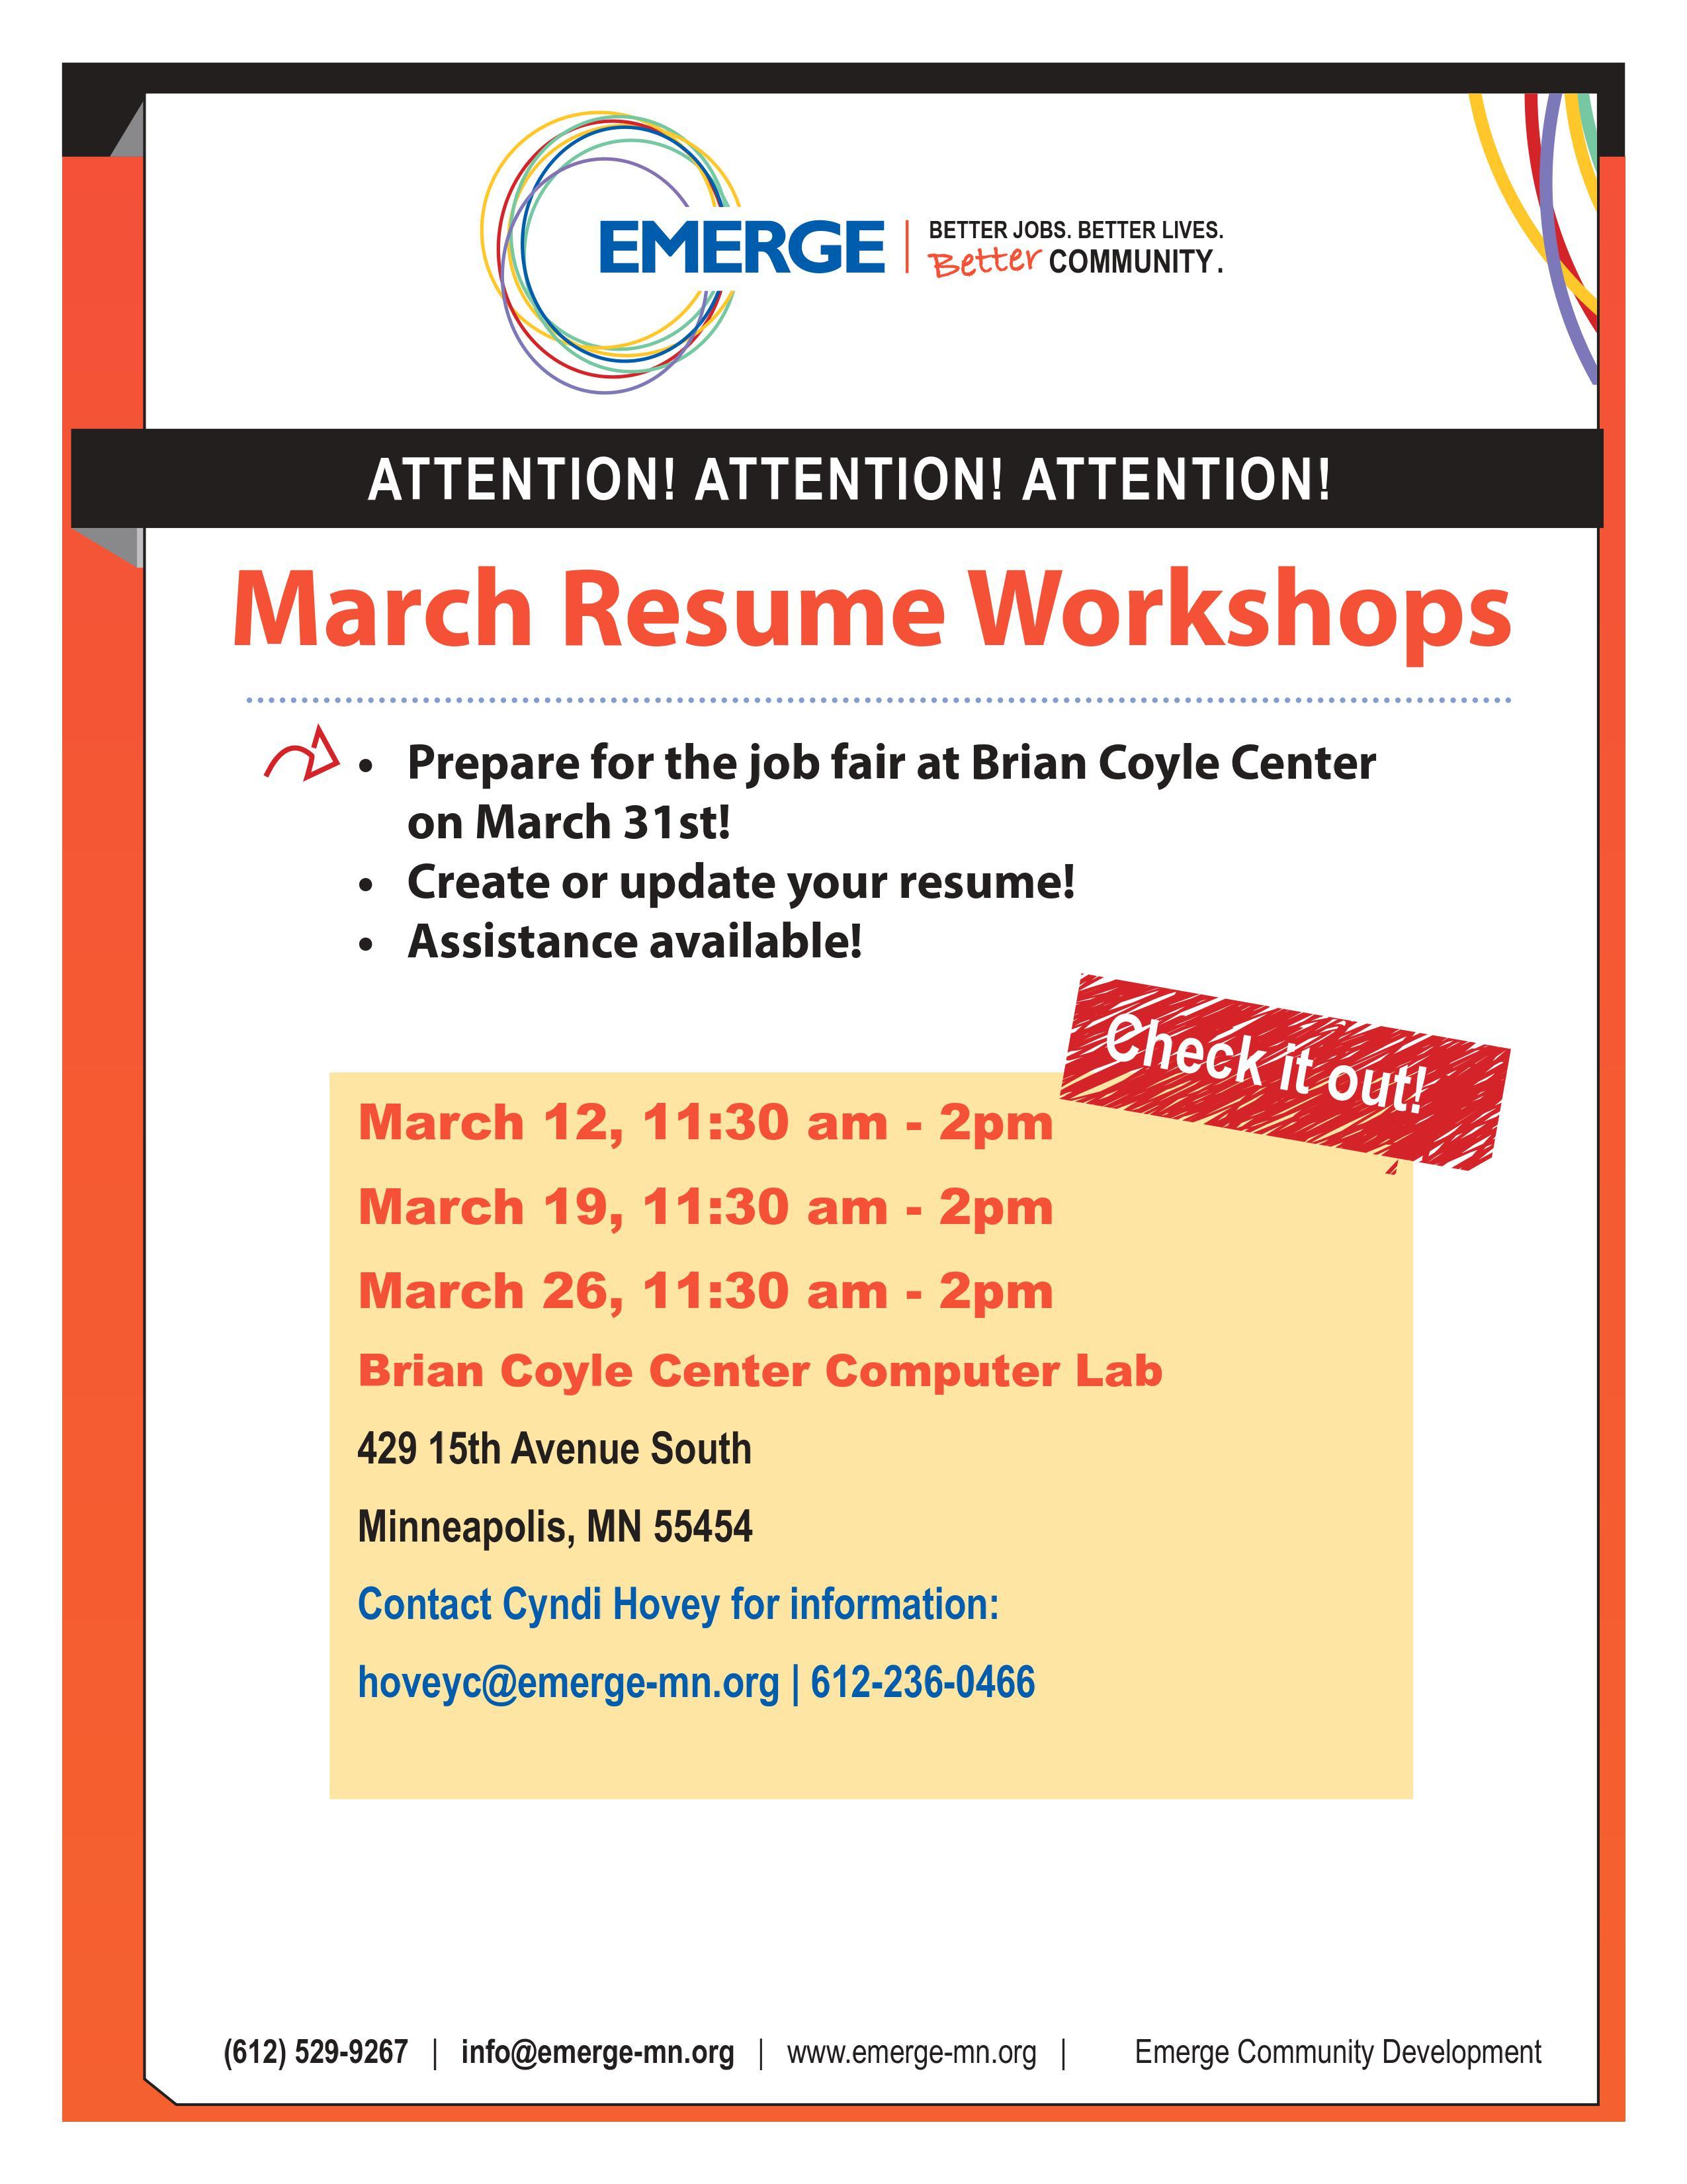 Resume Workshop English Flyer